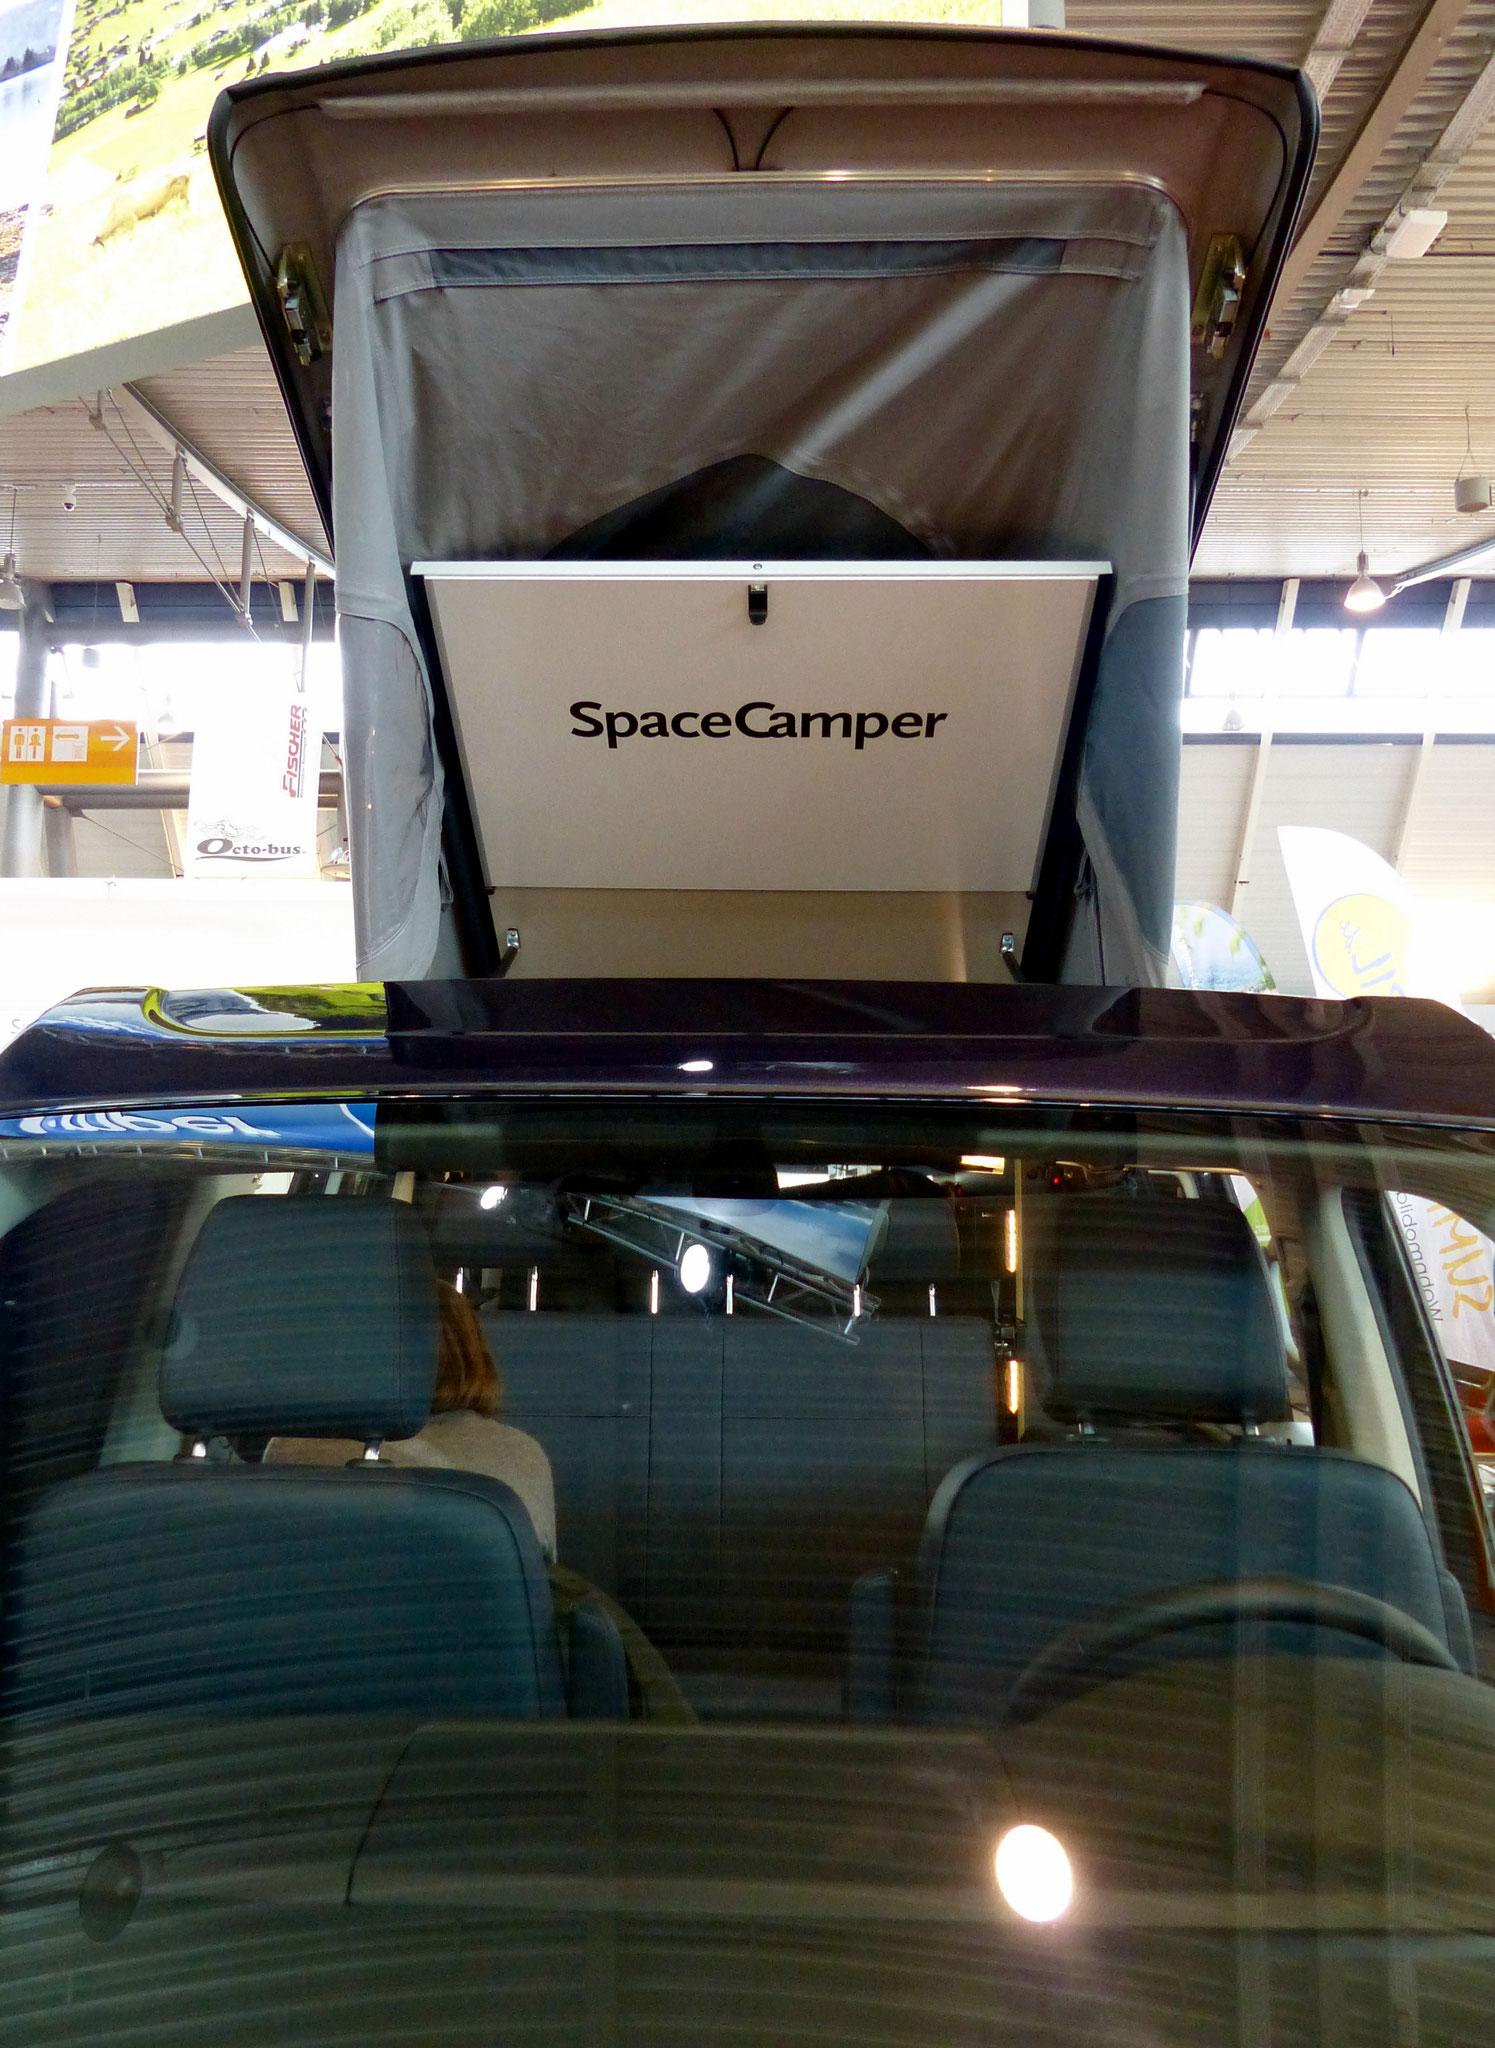 Cooles Marketing auch bei Spacecamper.